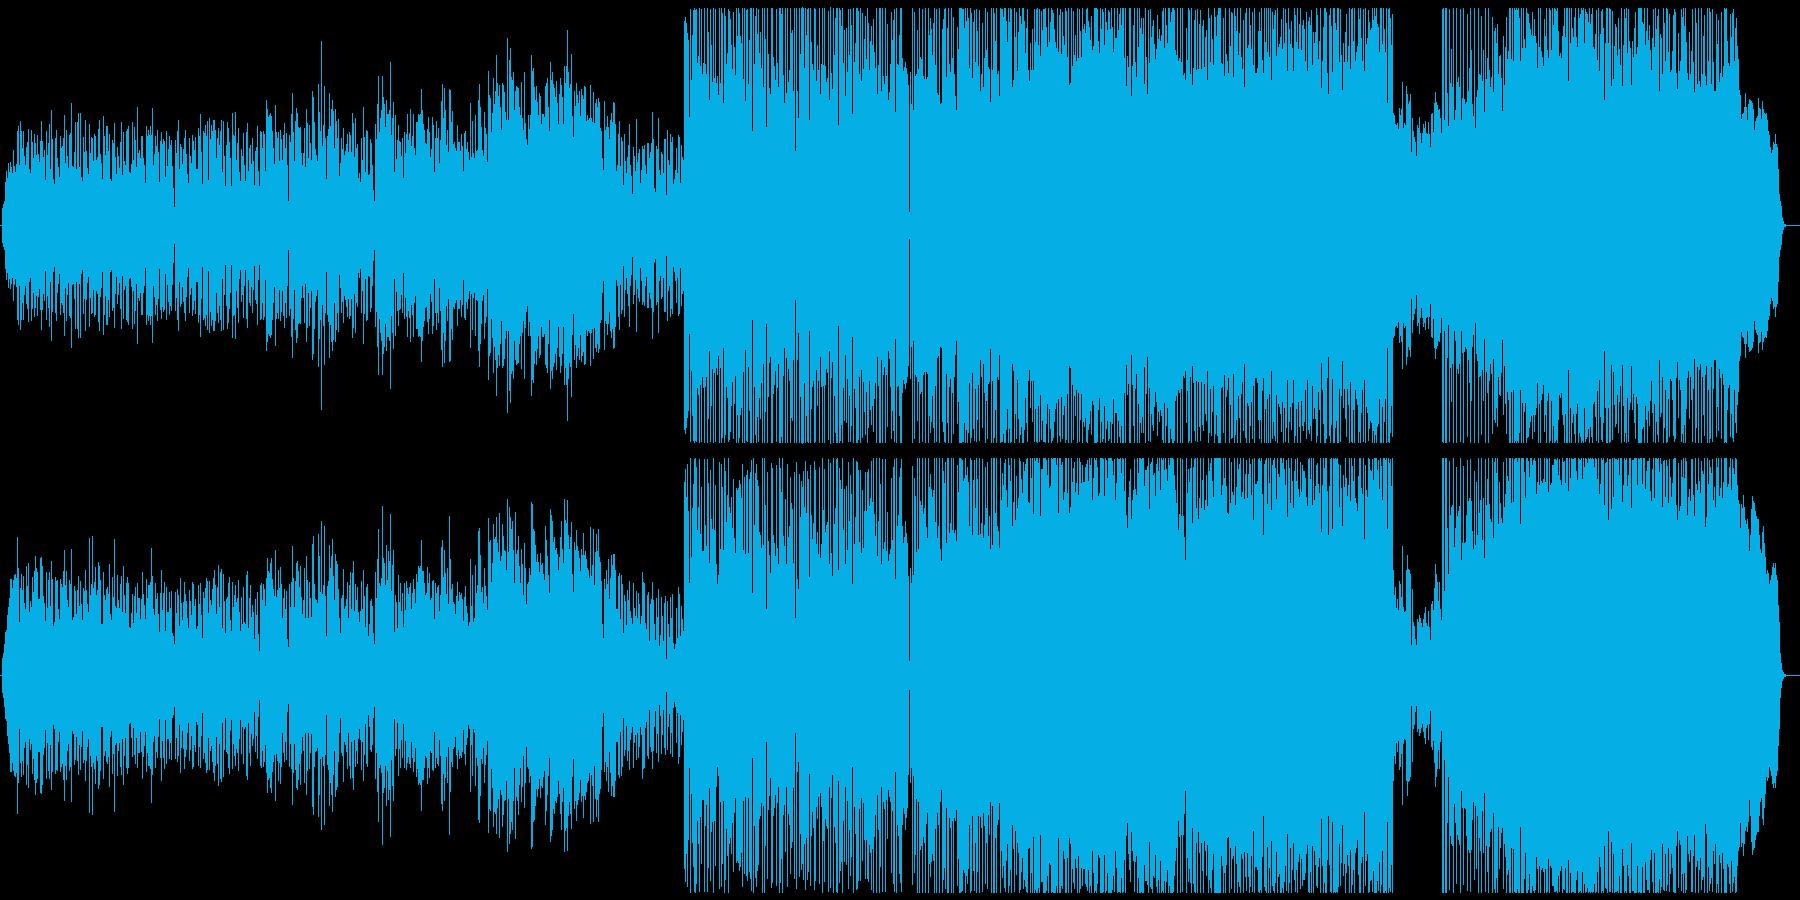 ノスタルジックで優しい雰囲気のバラードの再生済みの波形